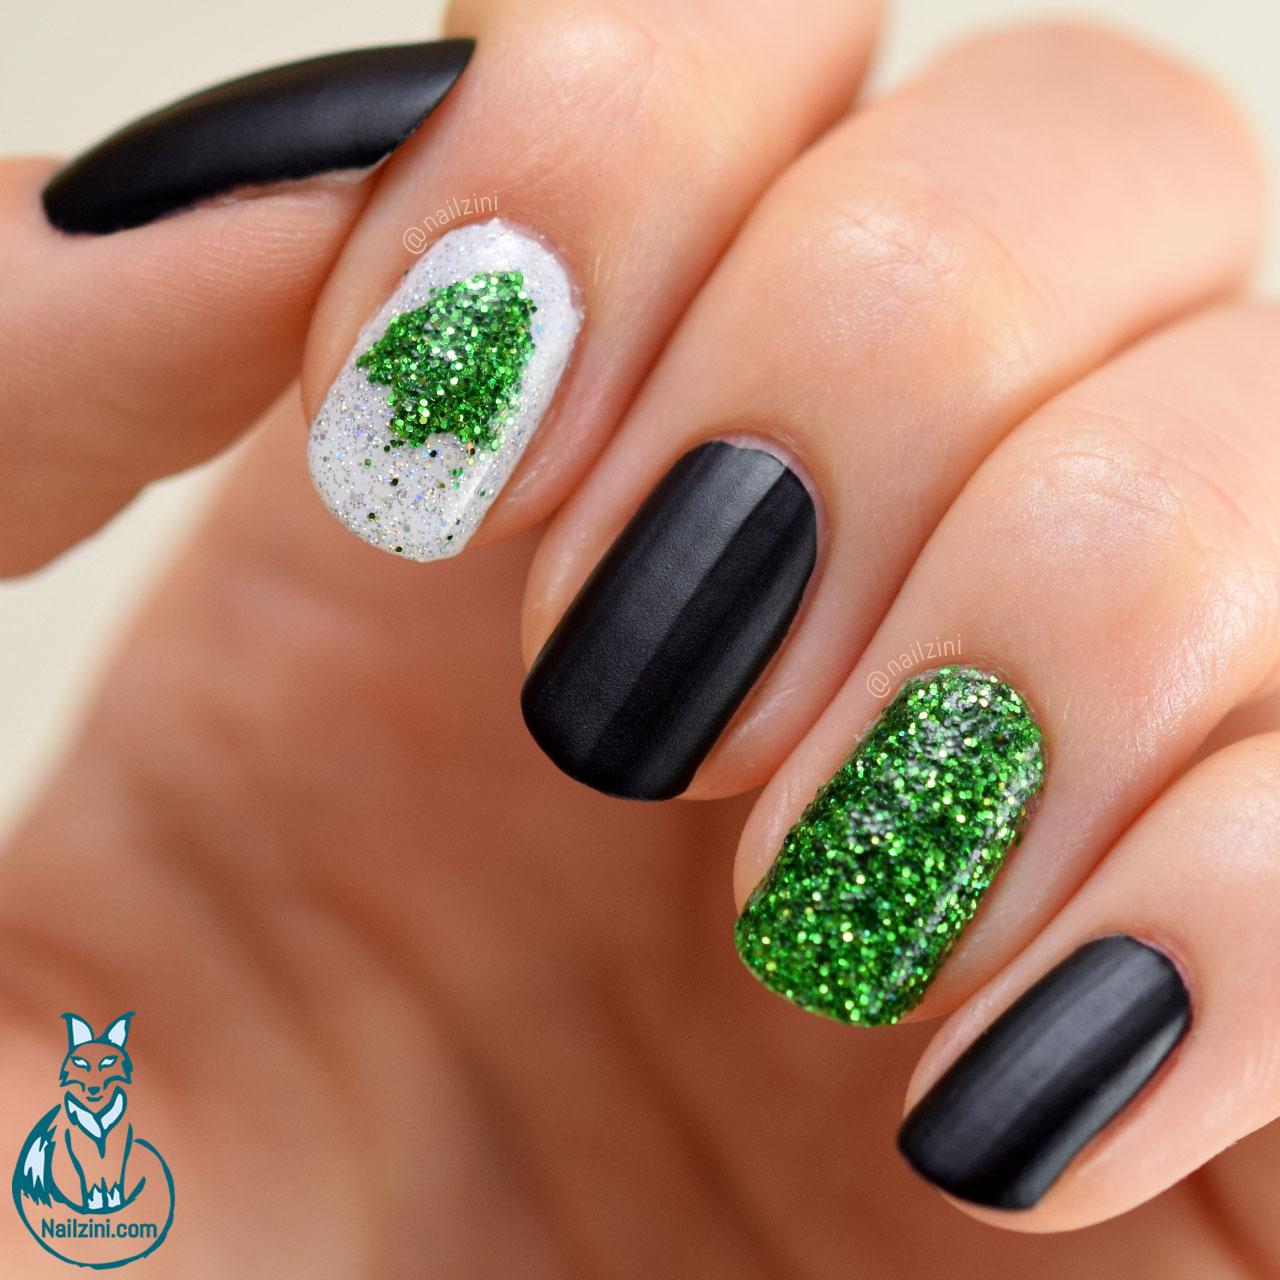 Nailzini A Nail Art Blog: Glitter Christmas Tree Nail Art WITHOUT Nail Art Tools